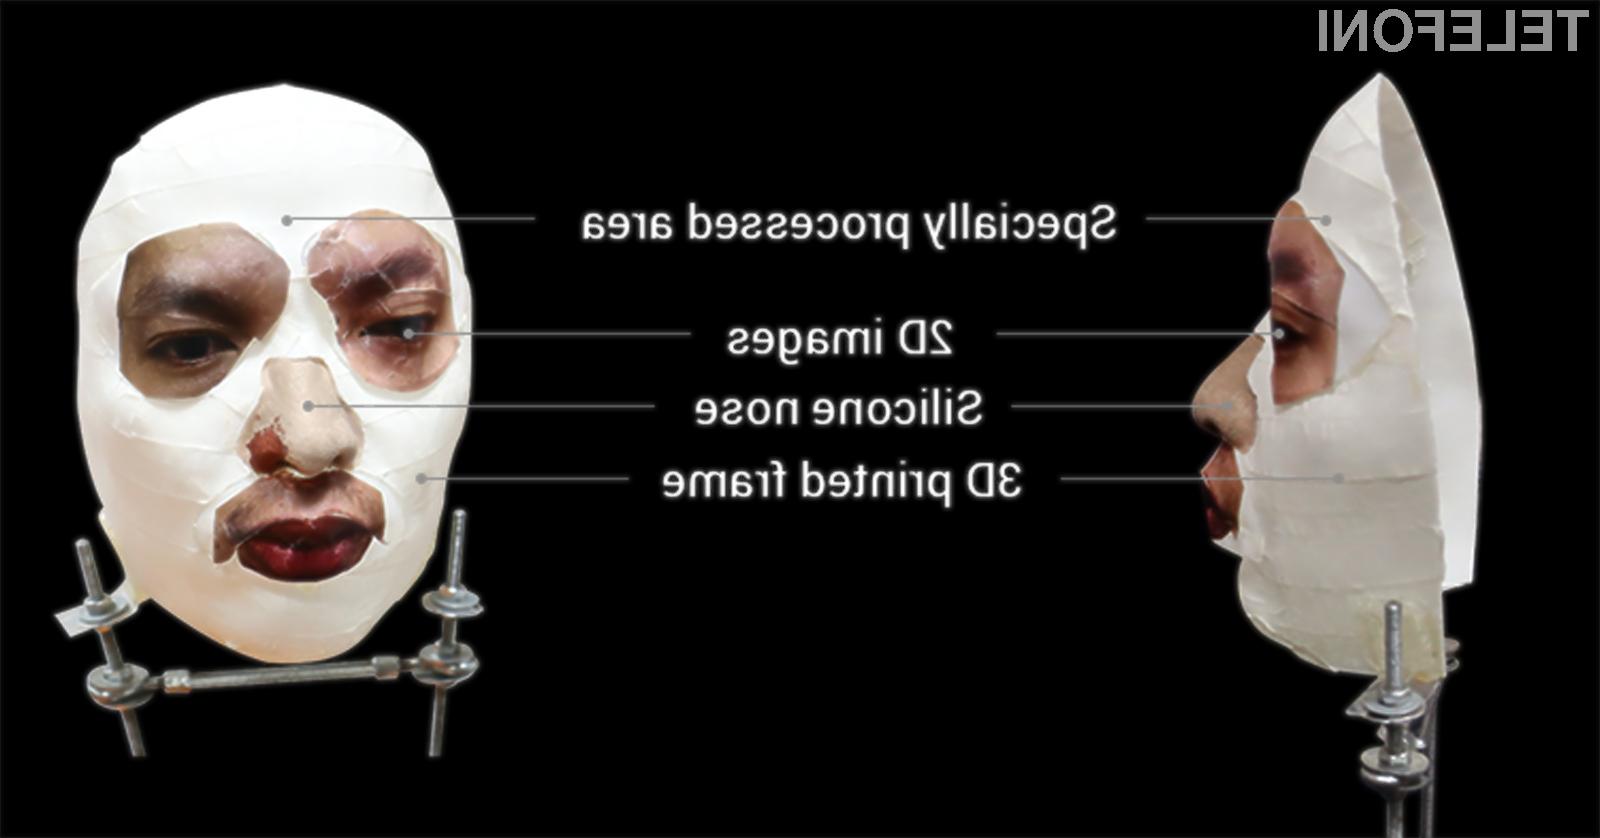 """Applovo varnostno tehnologijo """"Face ID"""" je možno prelisičiti z natisnjenim obrazom!"""